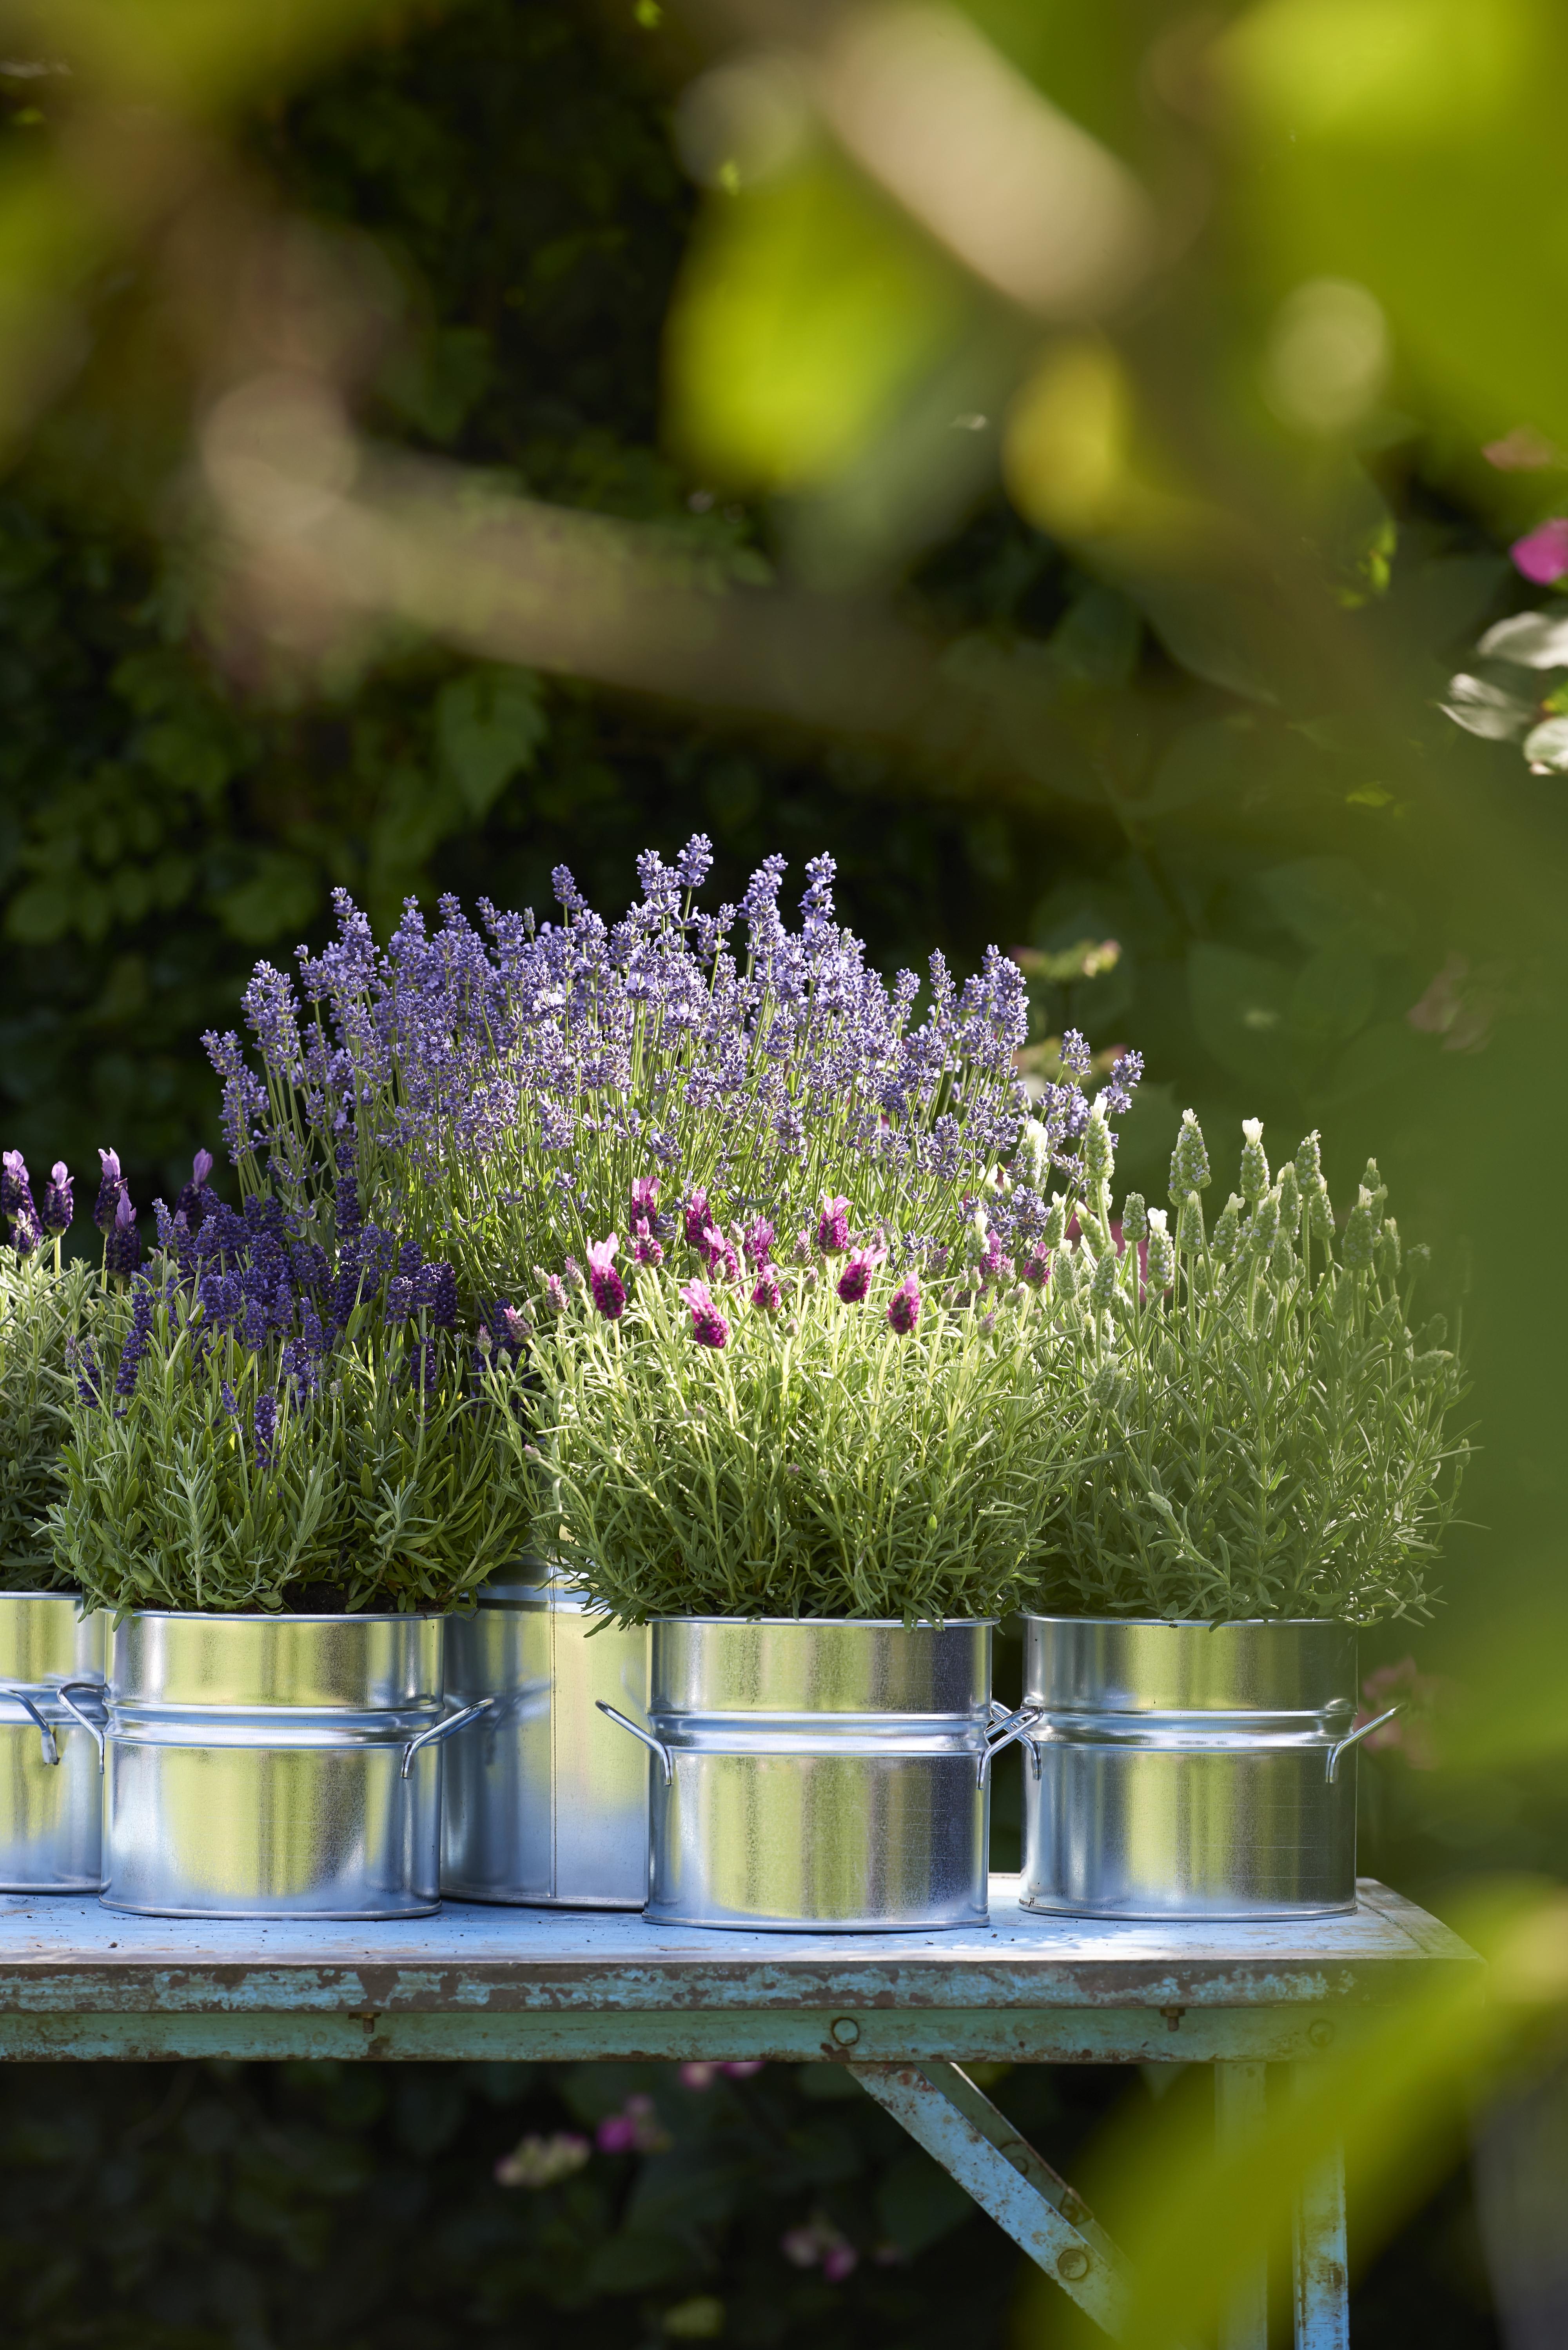 Blickfang Balkonkästen Bepflanzen Beispiele Ideen Von Wahl